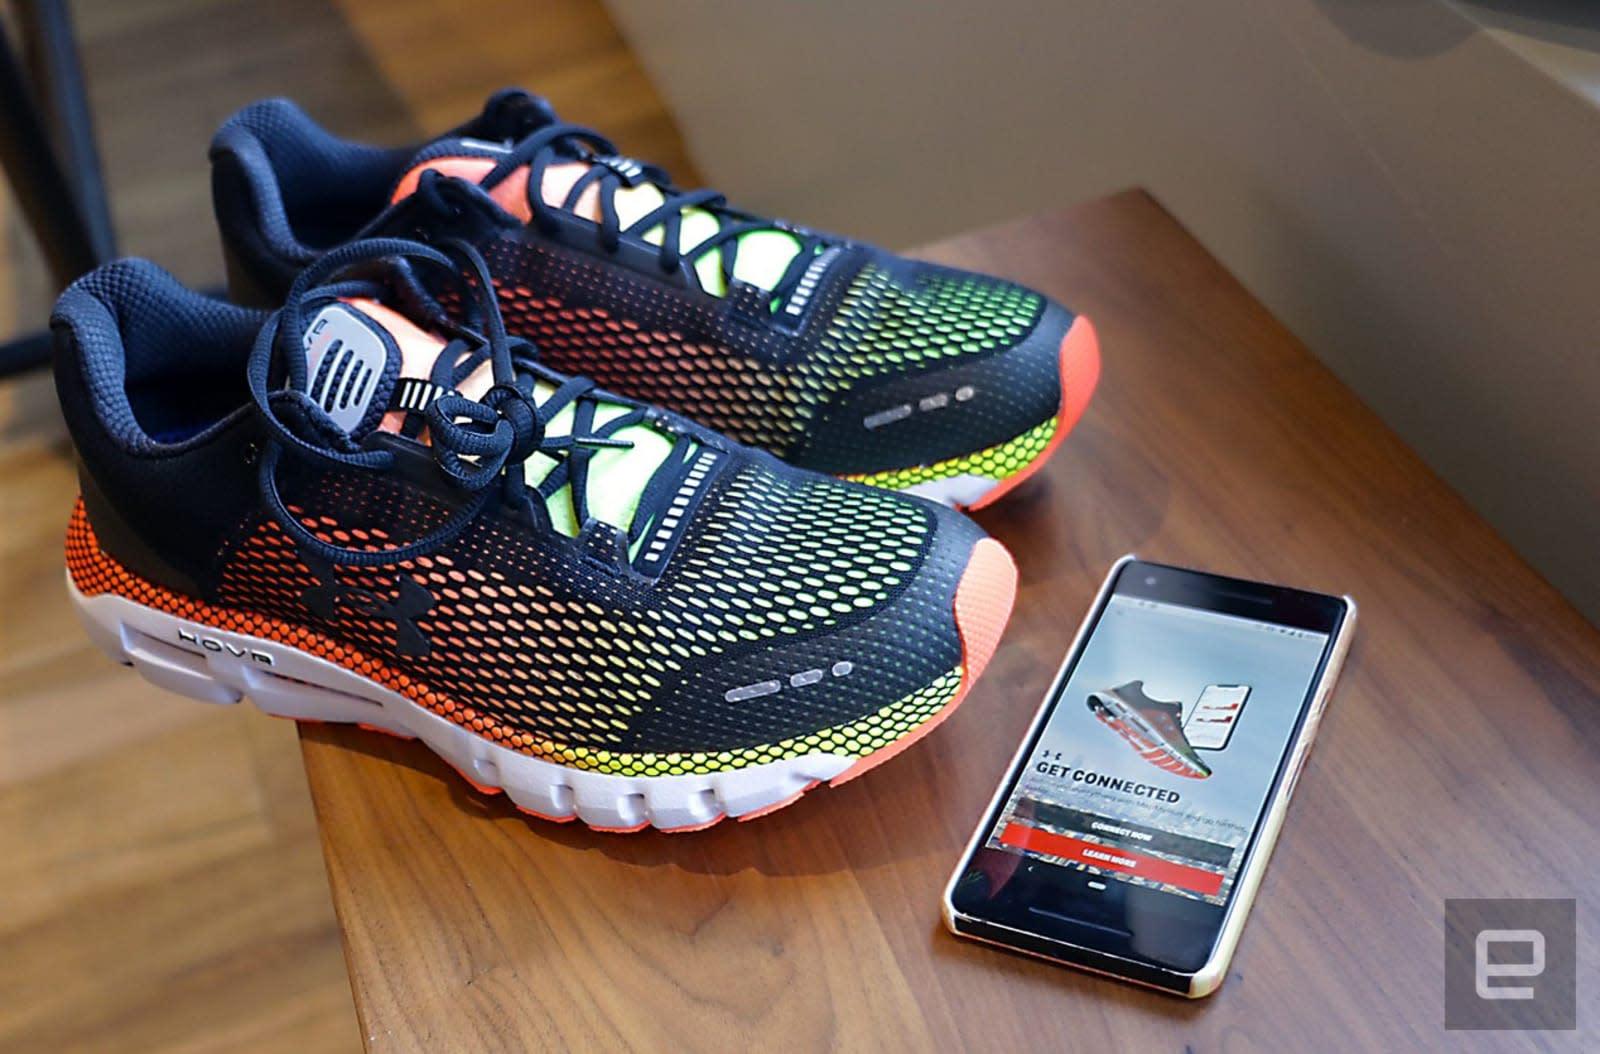 Under Armour'un HOVR bağlantılı ayakkabıları sizi daha akıllı bir koşucu yapmayı hedefliyor | Engadget